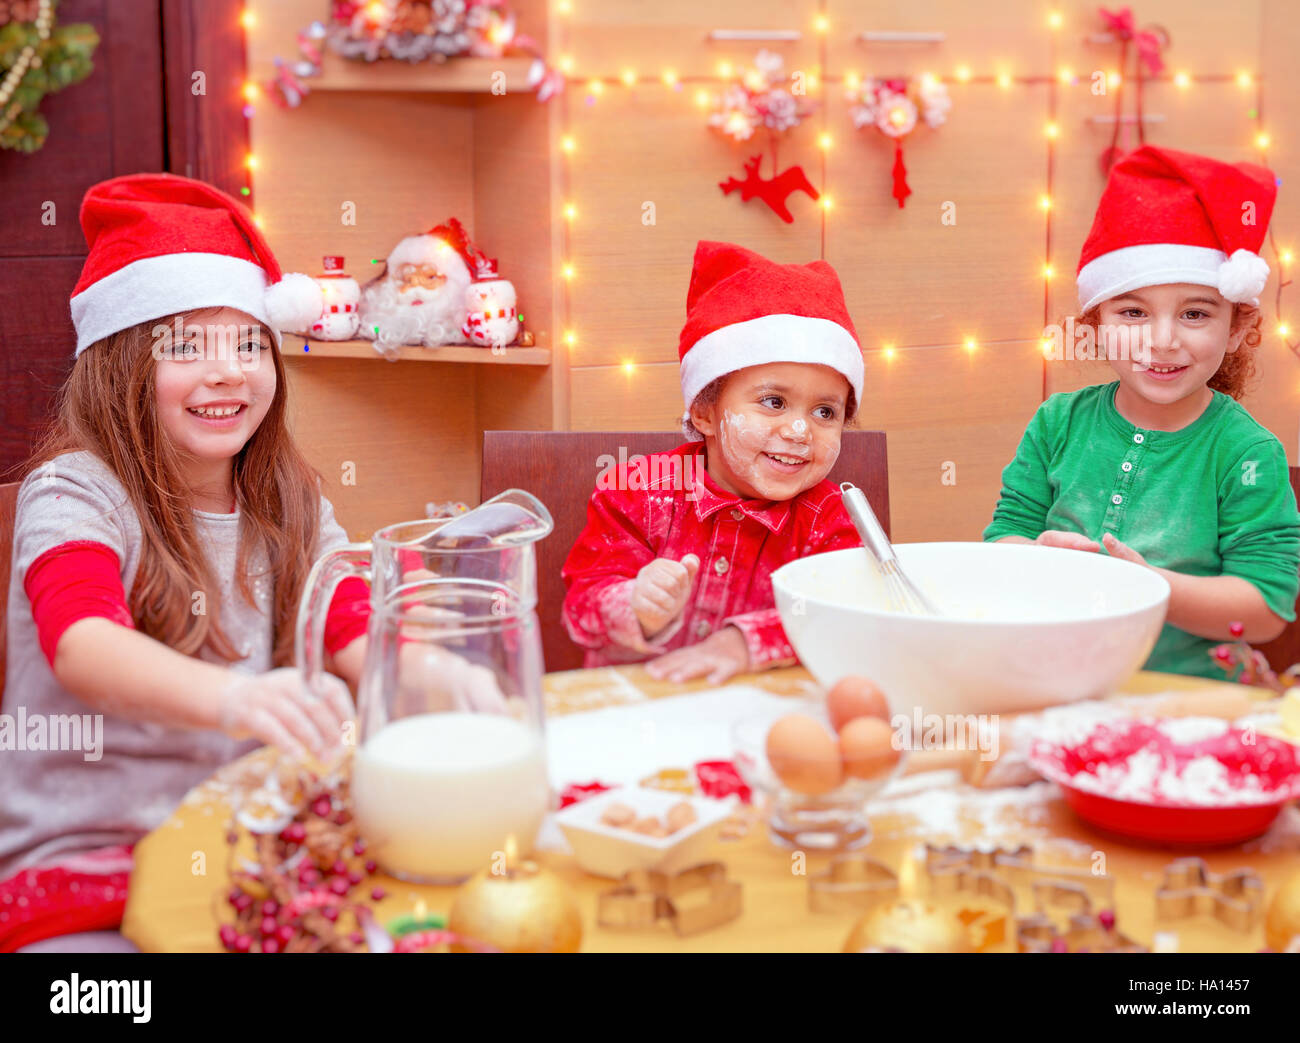 Kinder Weihnachtskekse.Glückliche Kinder Weihnachtskekse Zu Hause Machen Kinder Drei Süße